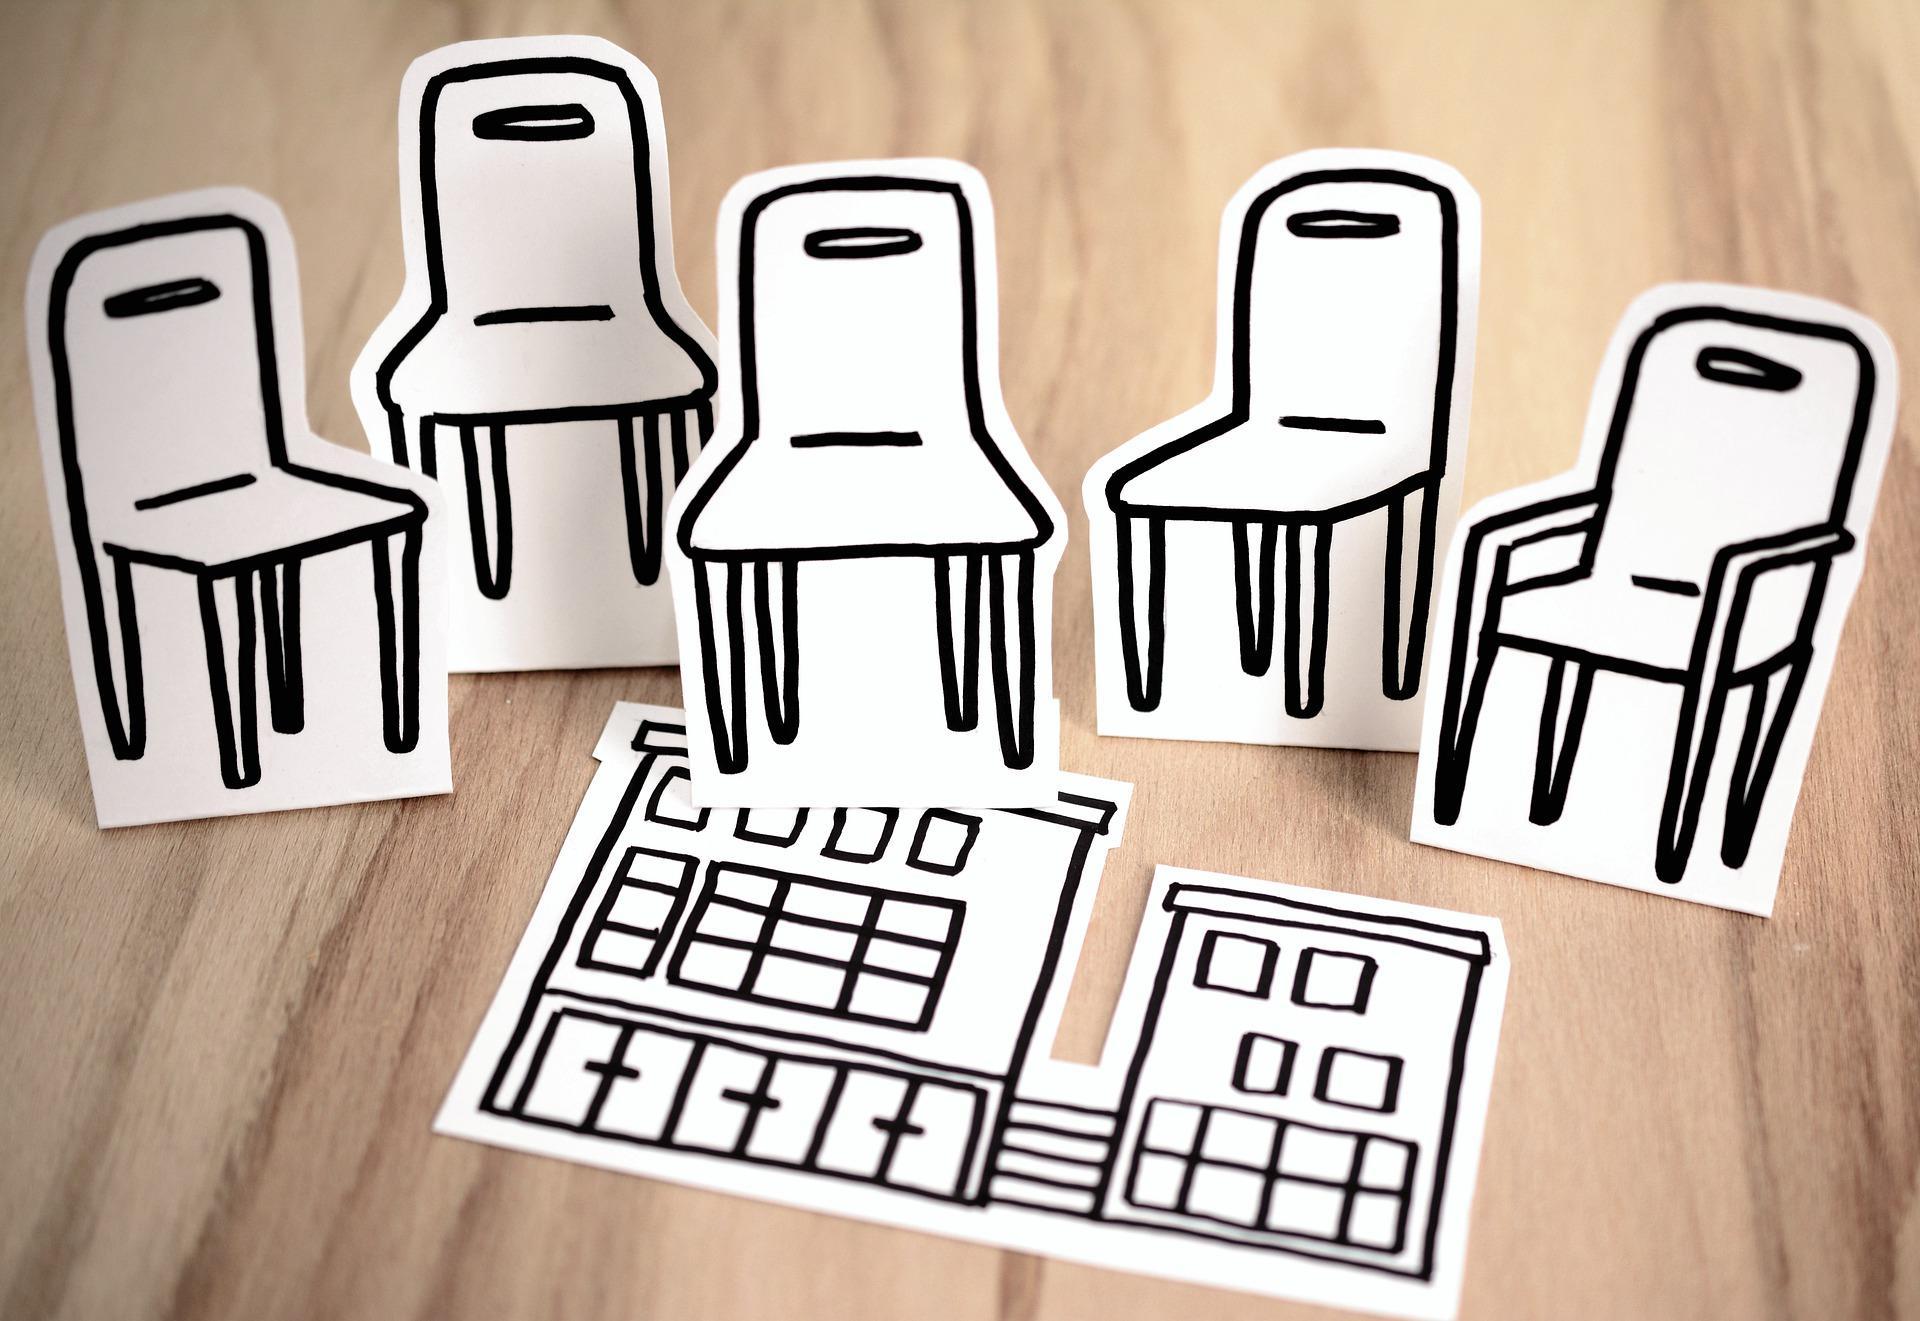 Dessins chaises vides sur table